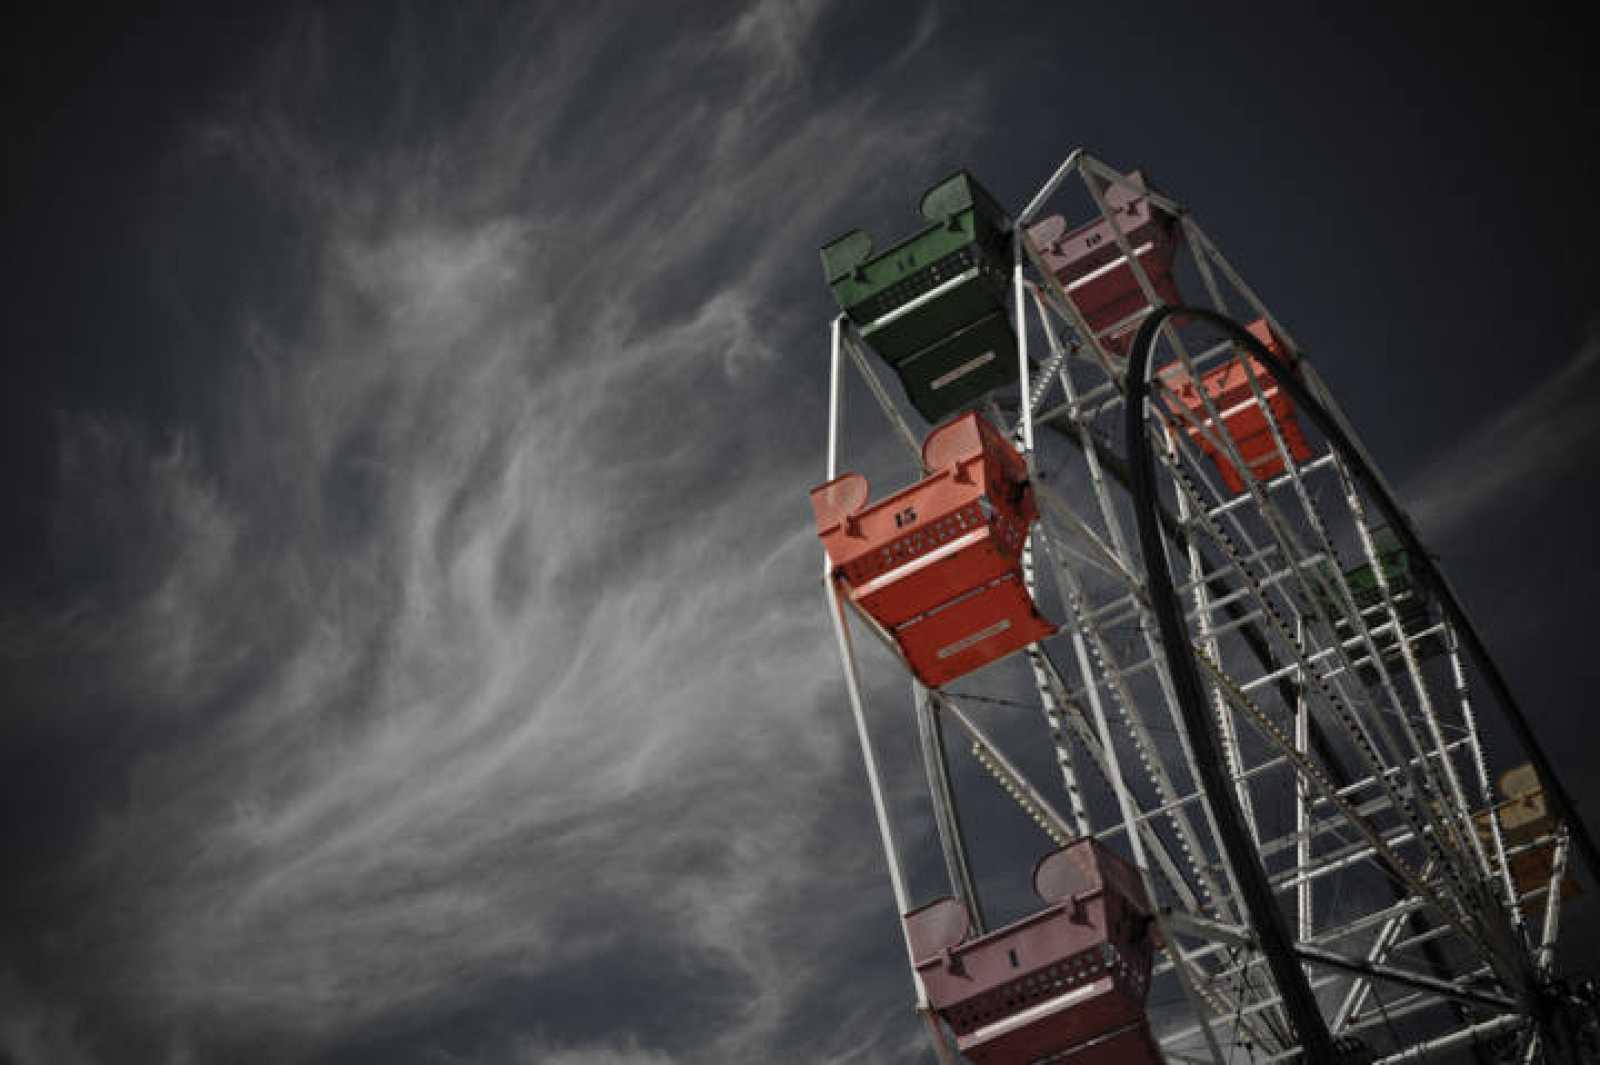 El miedo a las alturas es popularmente conocido como vértigo, pero desde el punto de vista médico es fobia a las alturas